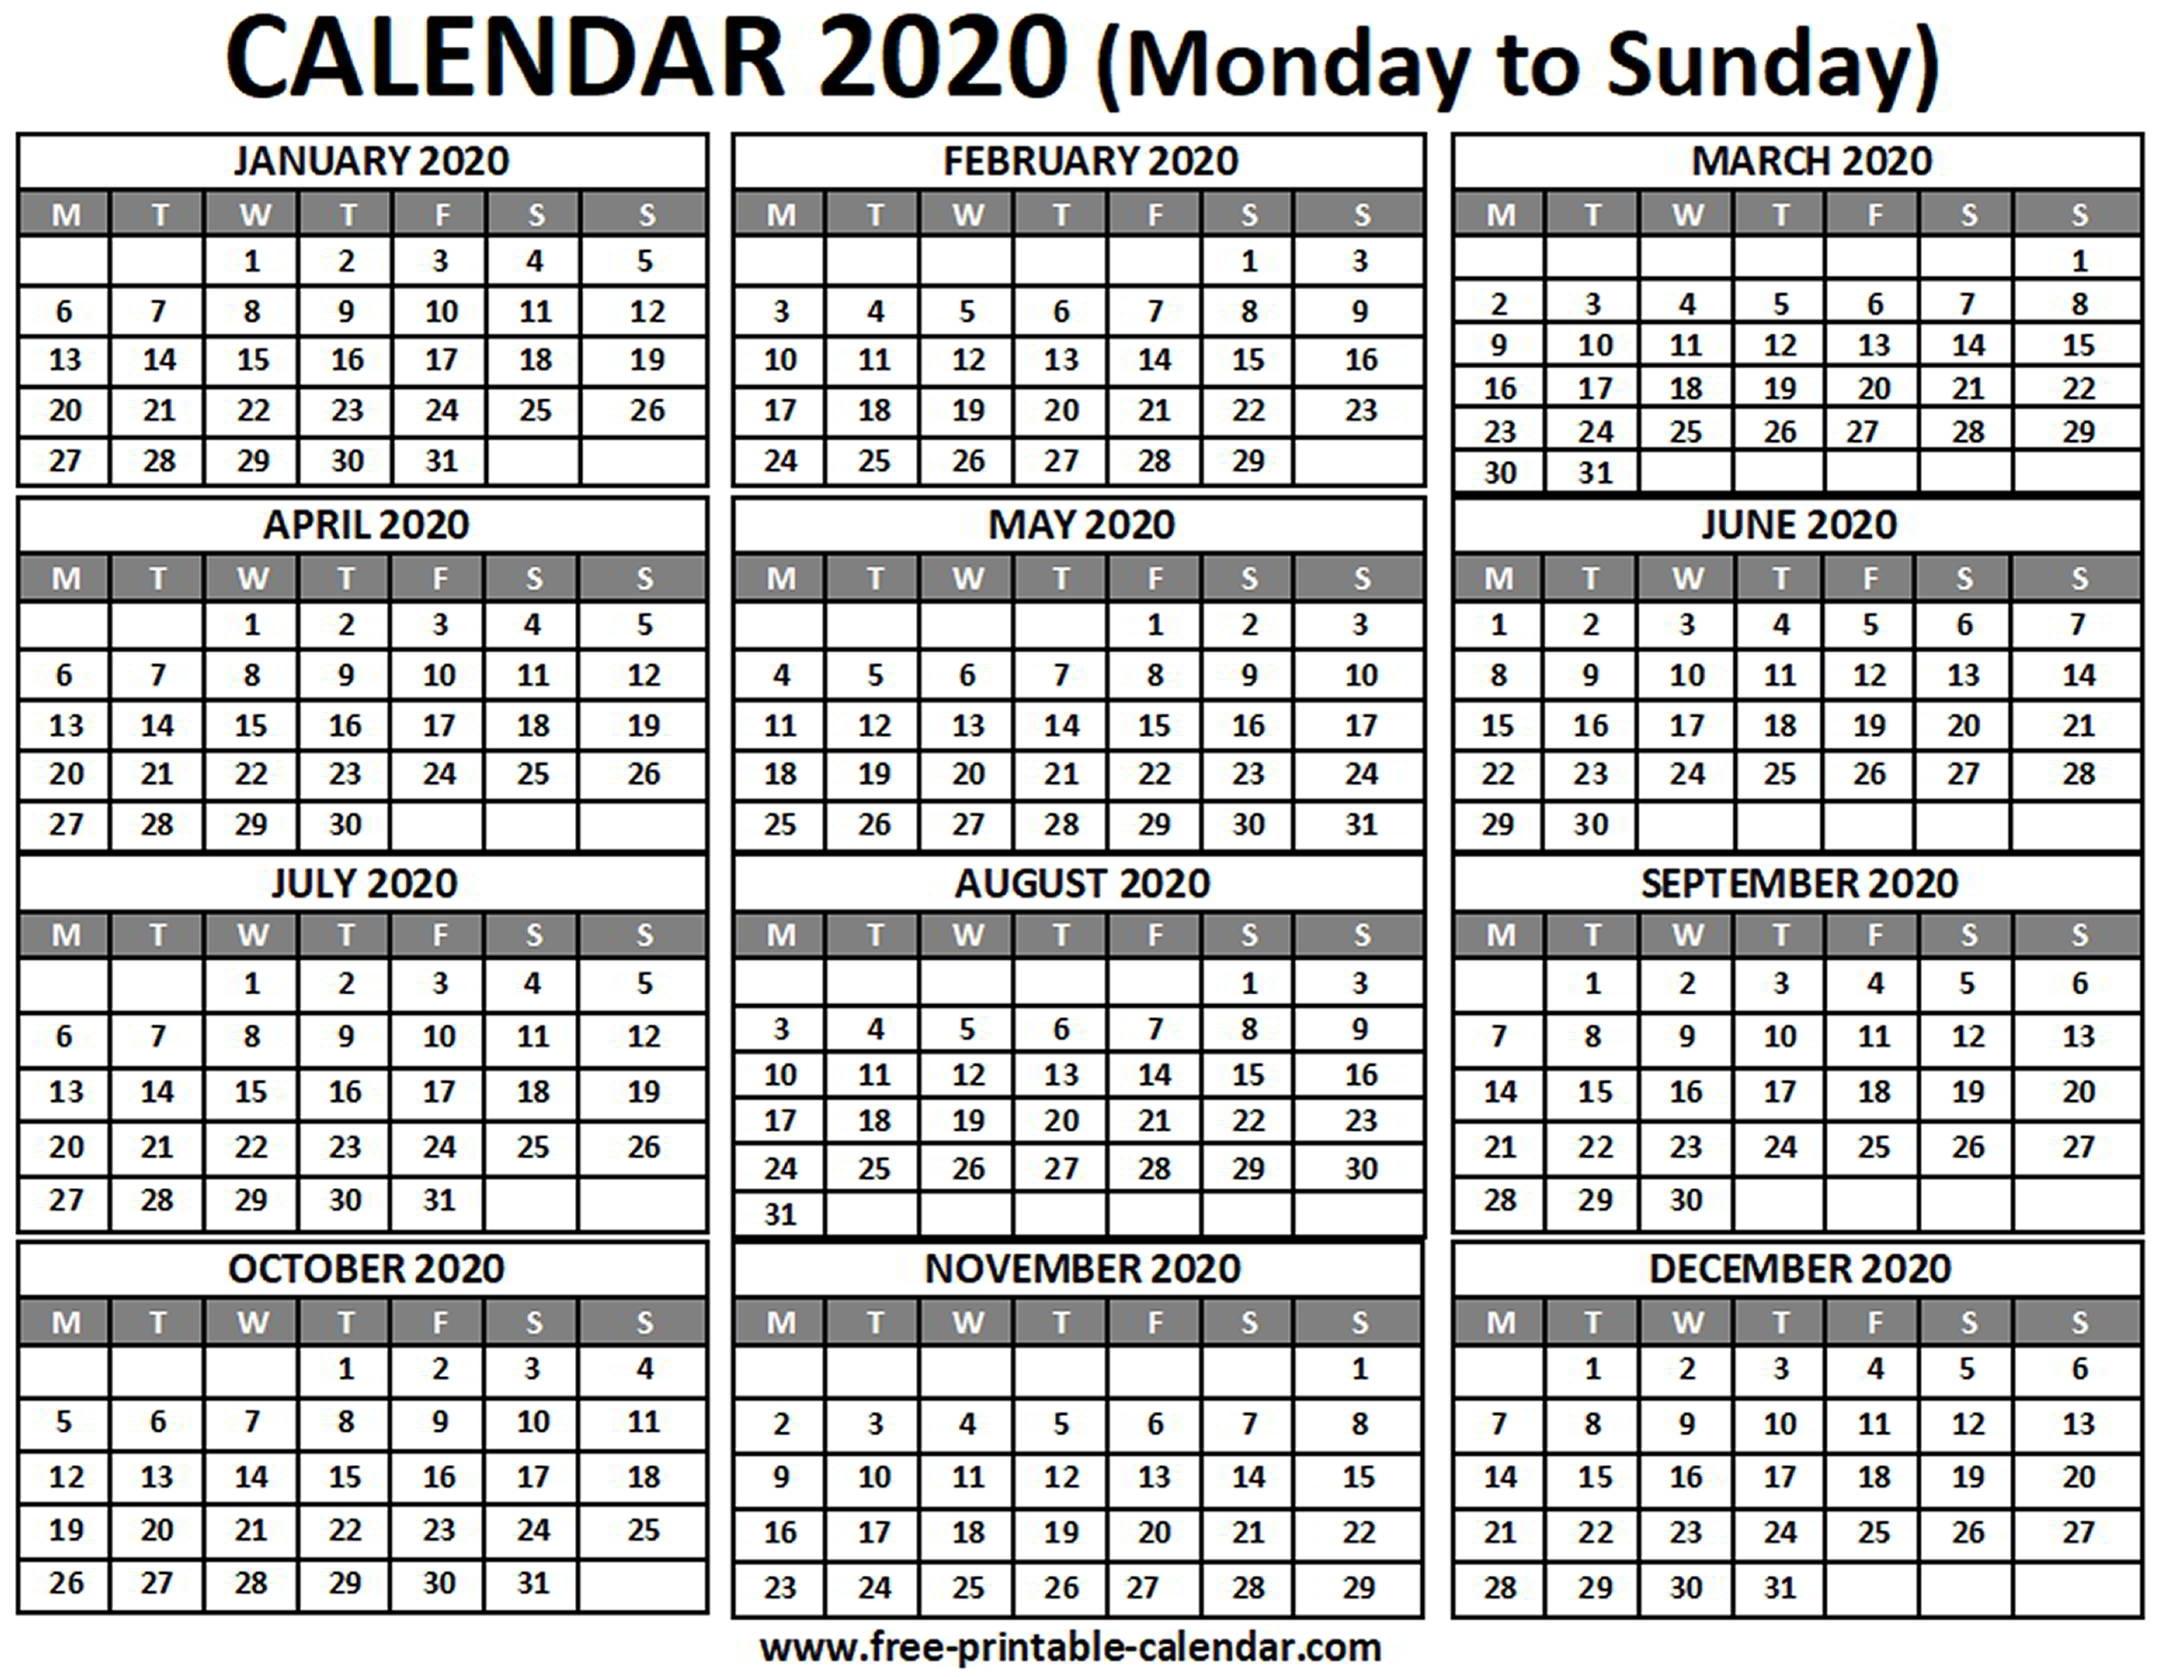 2020 Calendar - Free-Printable-Calendar throughout Monday To Sunday 2020 Calendar